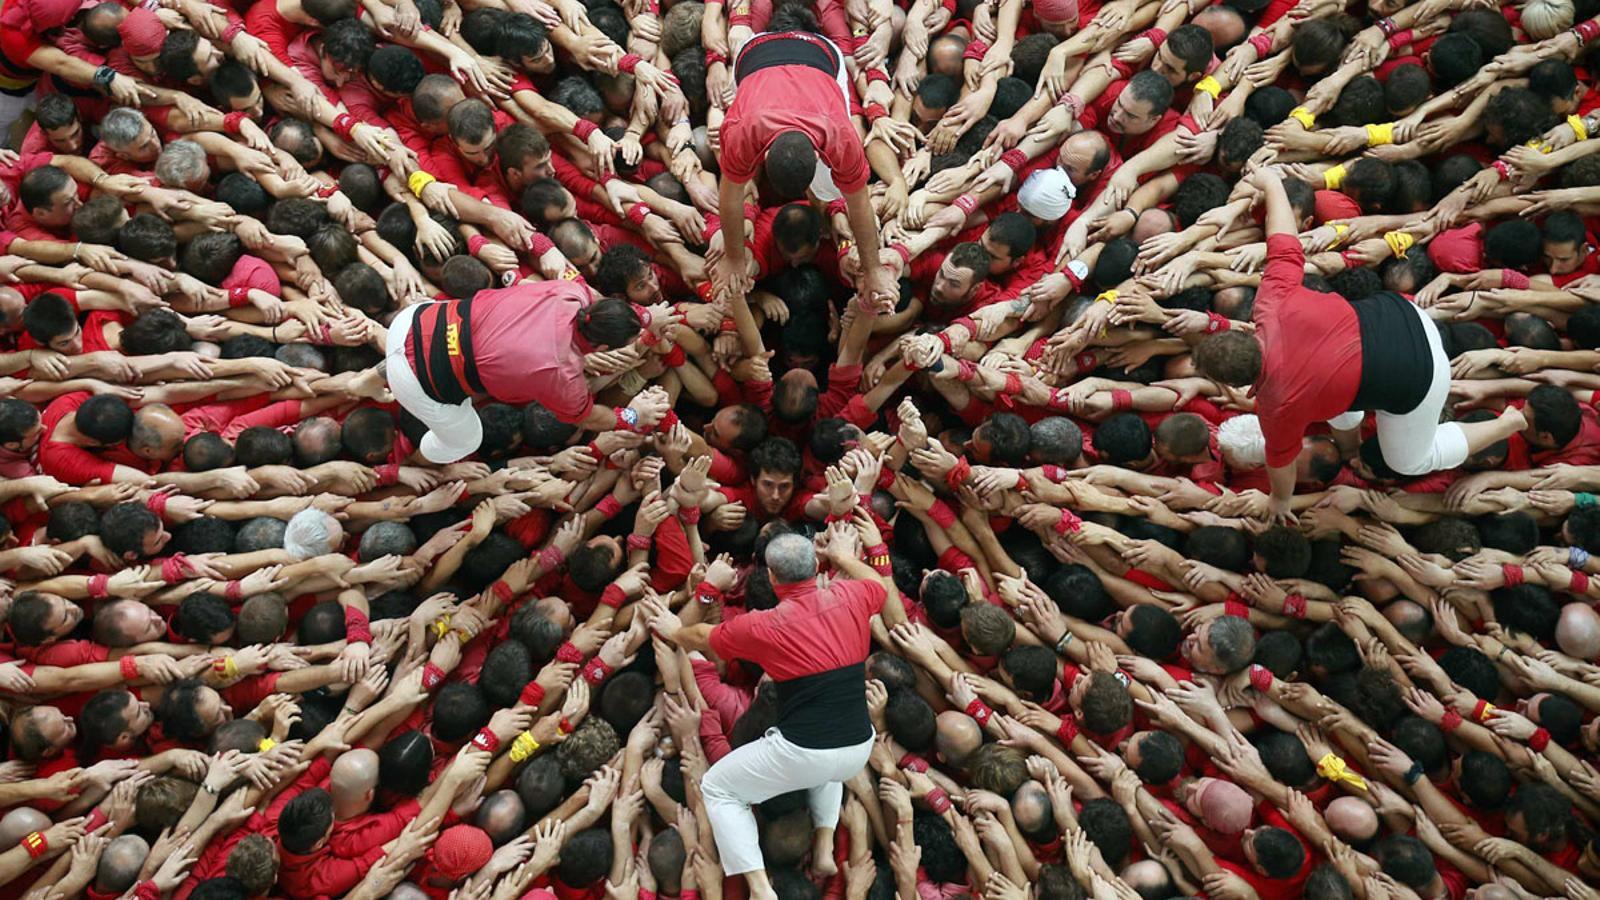 Pinya de la Colla Joves Xiquets de Valls/ REUTERS/Albert Gea